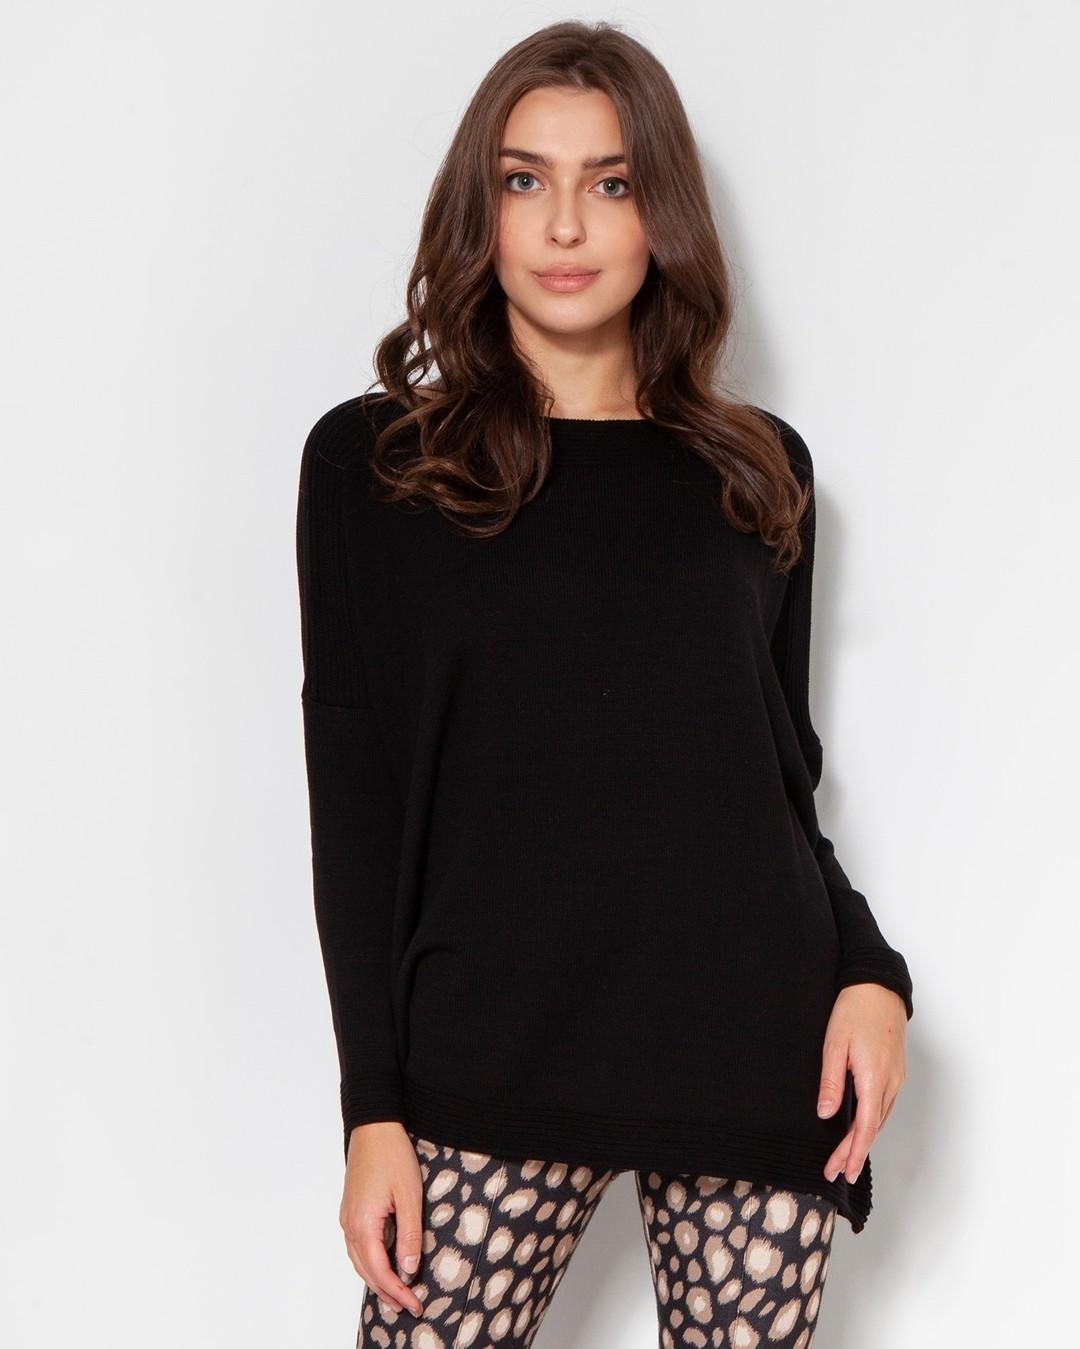 Ten ogromny sweter ma ogromne możliwości! Pasuje do wąskich spódnic, cygaretek, spodni palazzo, legginsów... Wykonany w dziewiarni pod Częstochową, z wysokiej jakości wiskozowej przędzy, która jest bardzo przyjazna dla ciała i dla środowiska. Tylko teraz 35% taniej - zaczynamy nasz black week! #blackweek #blackfriday #blackfridaypolska #blackfridaypl #promocja #swetry #sweter #ubrania #polskamarka #polskiproducentodzieży #sweterek #polskieswetry #czarnysweter #sweterzwiskozy #lekkisweter #dzianinowabluza #swetrowabluza #oversize #sweaterweather